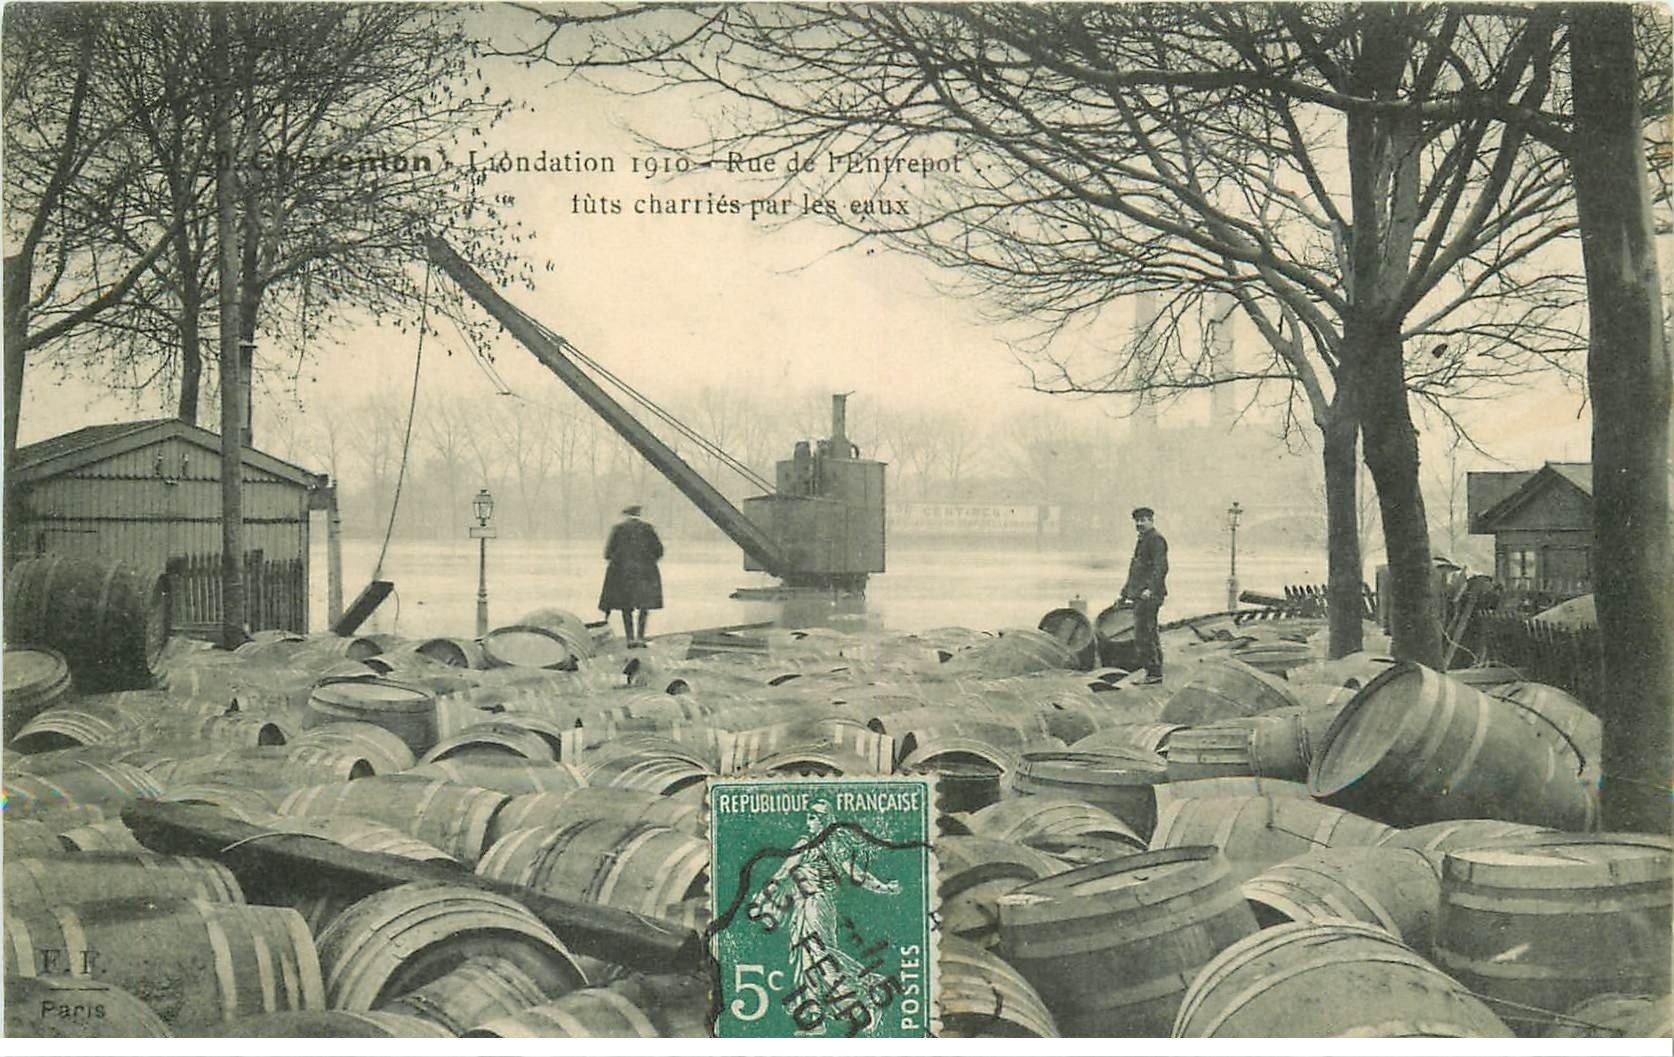 carte postale ancienne Inondation et Crue de 1910. CHARENTON 94. Rue de l'Entrepot futs charriés par les eaux